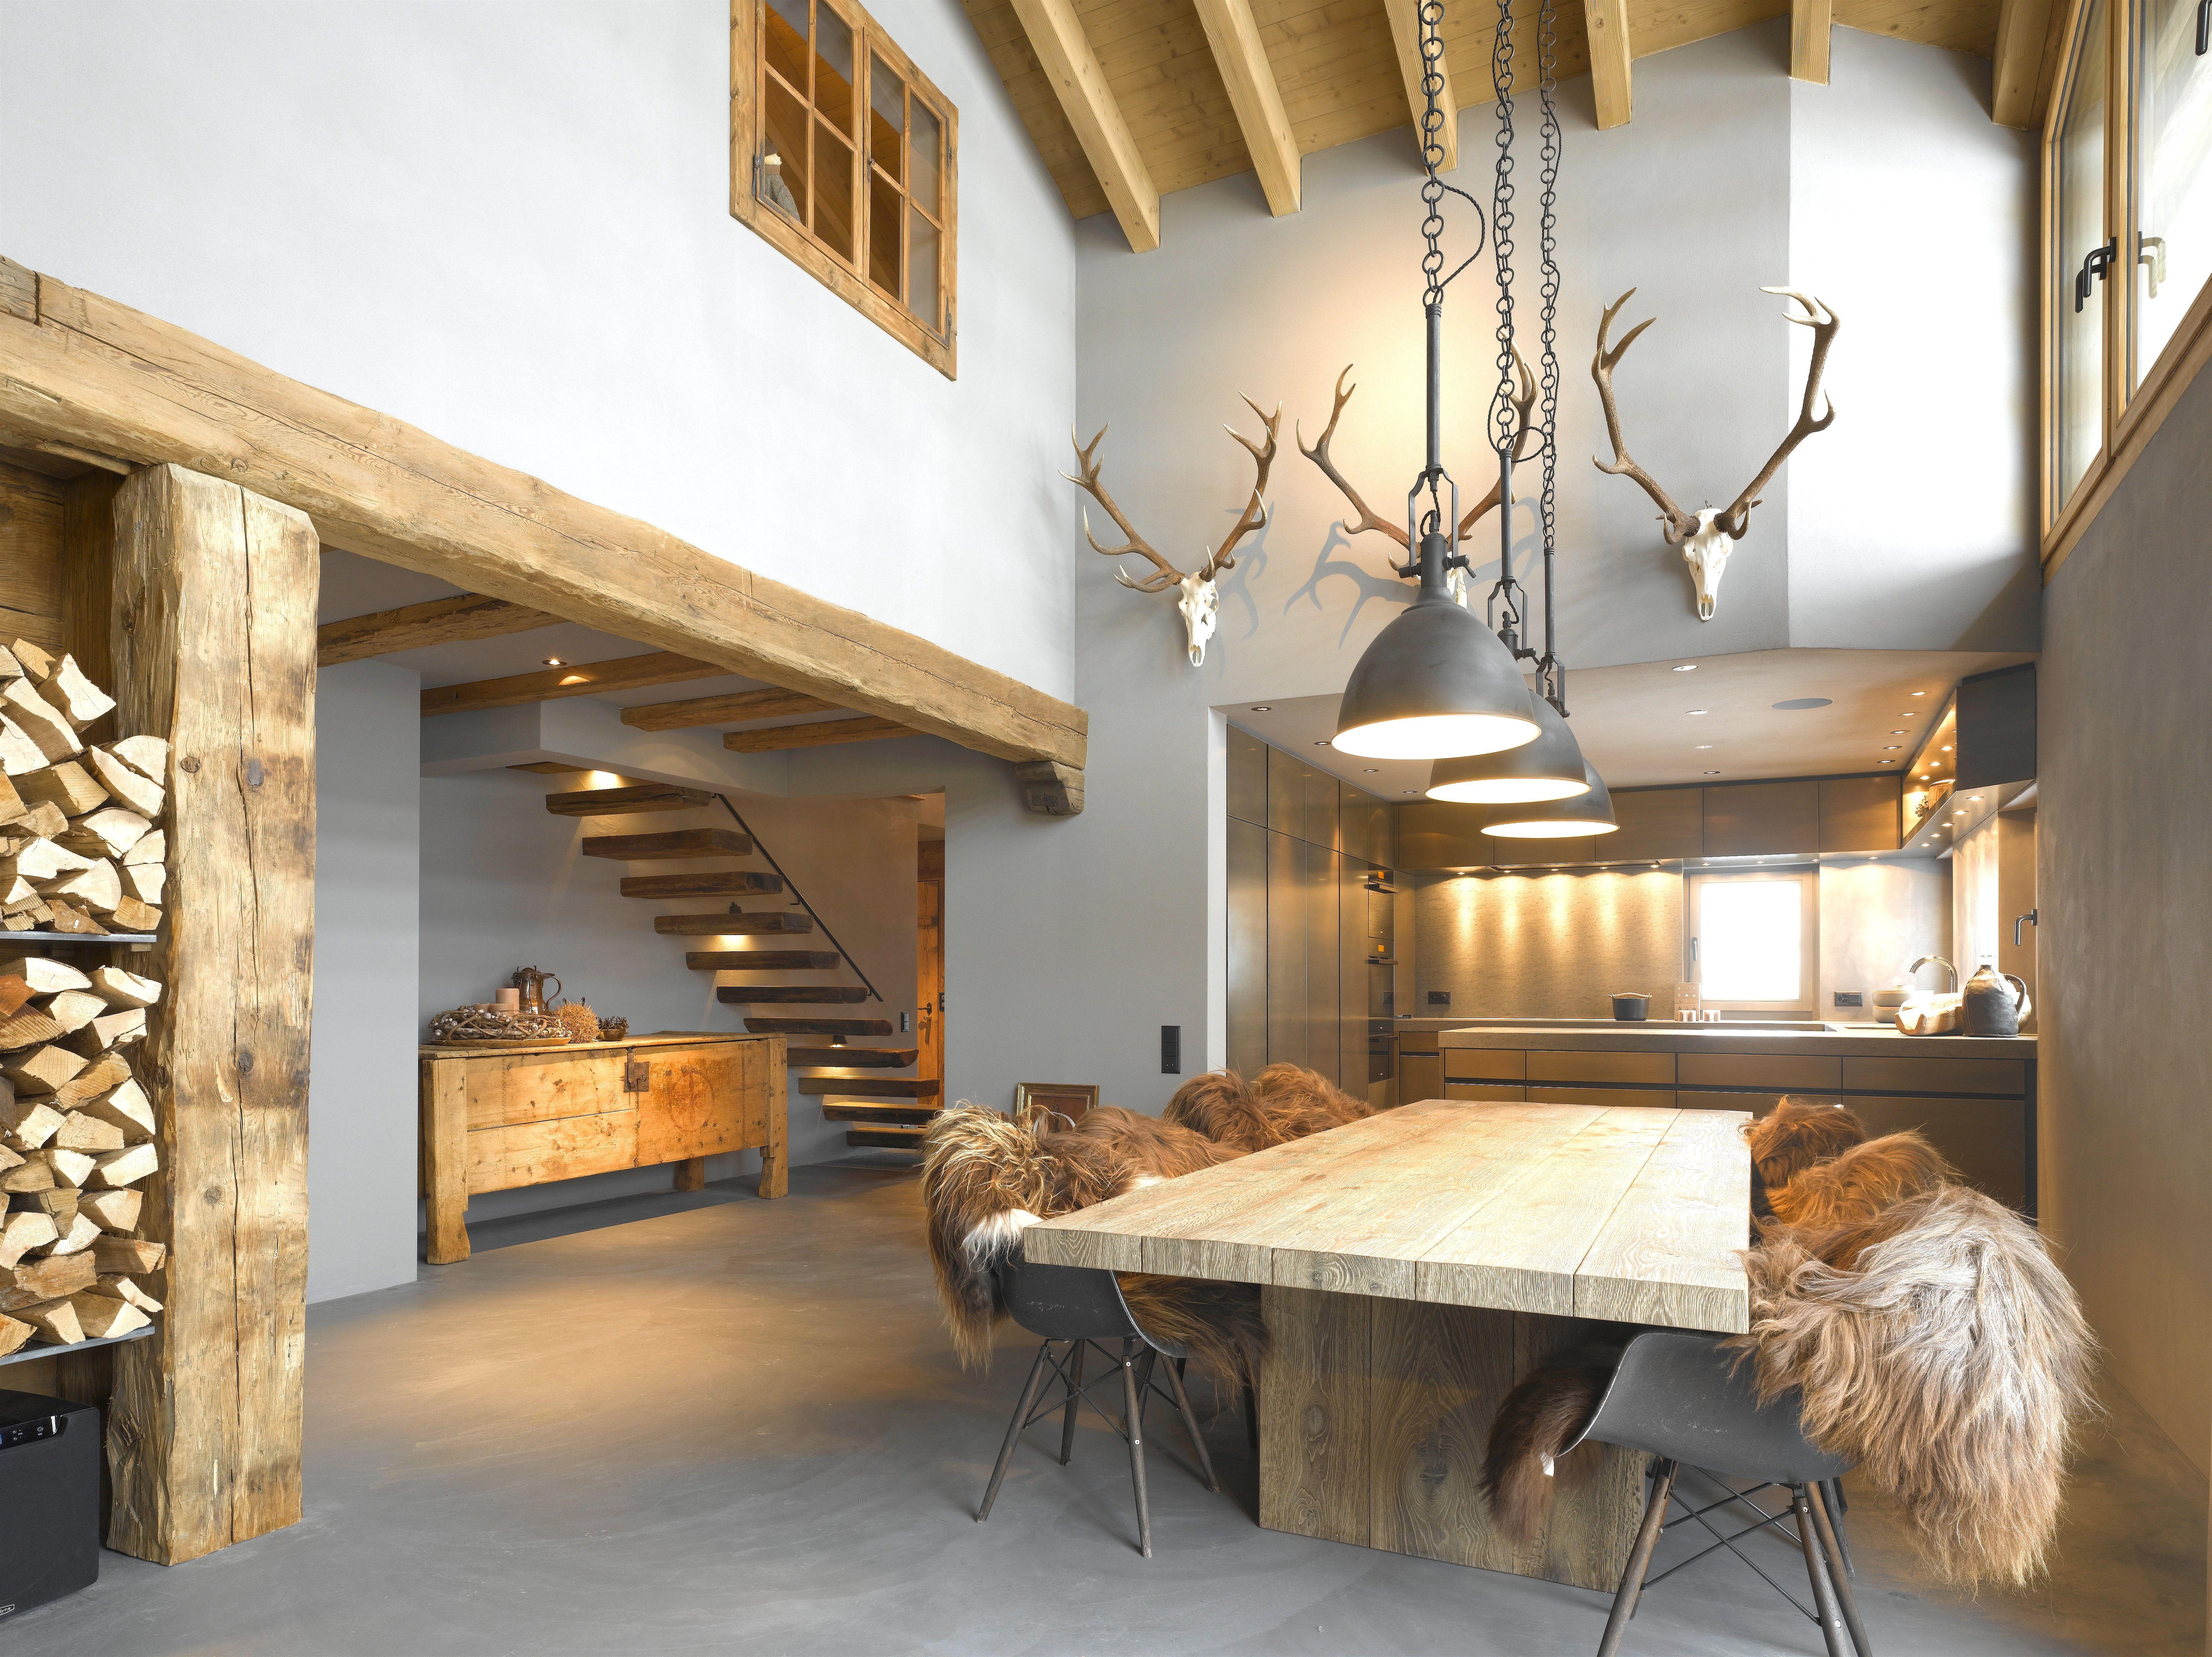 wohnzimmer ideen holz | wohnzimmer wandgestaltung streichen